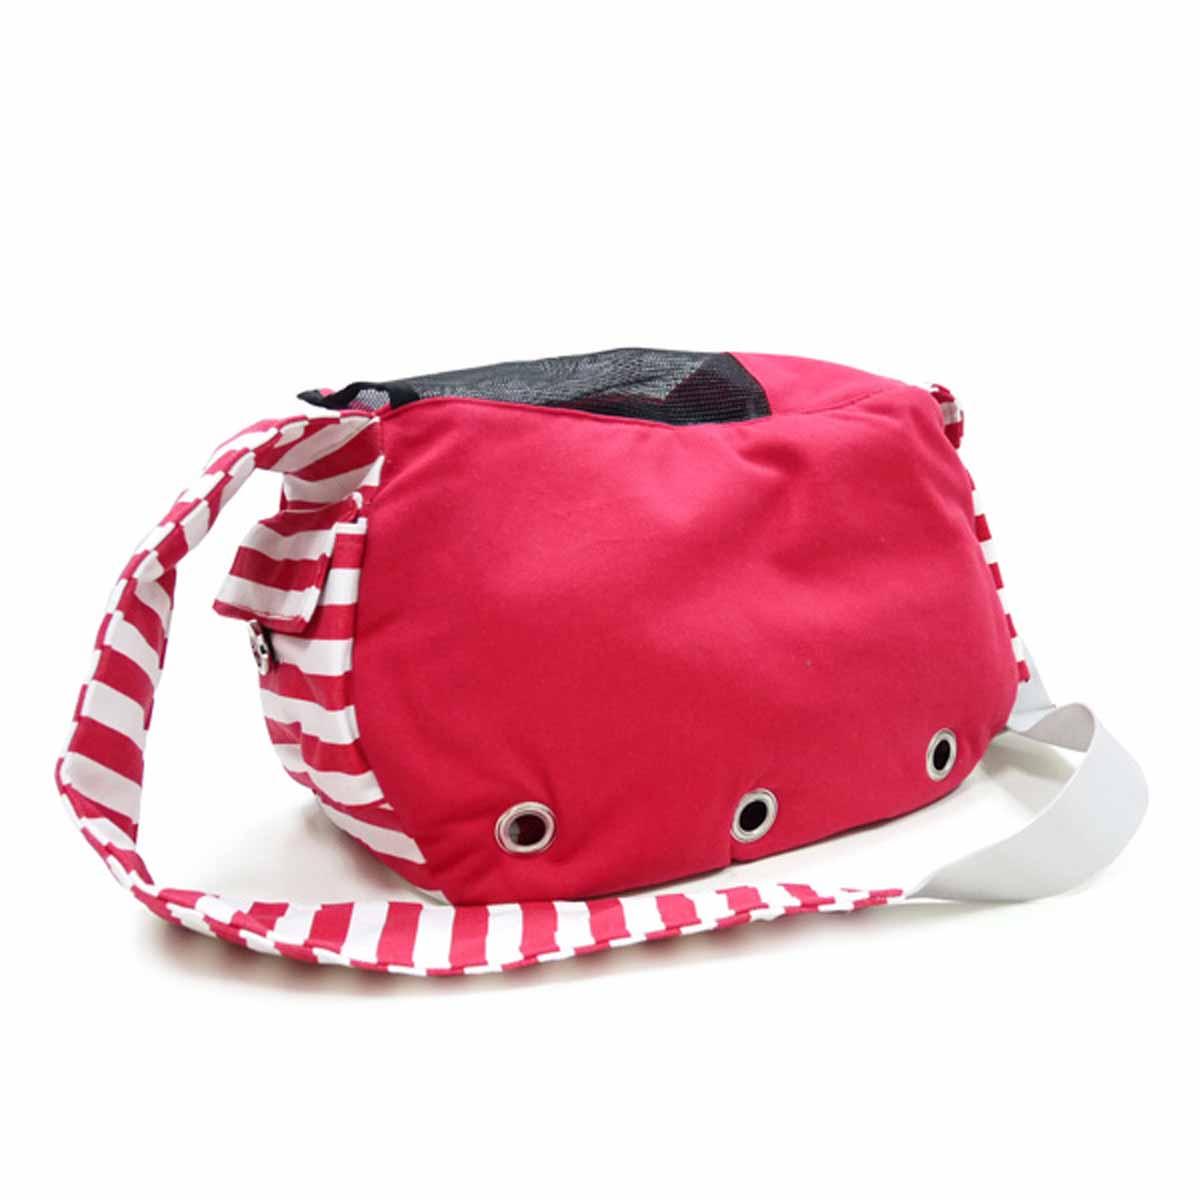 Soft Sling Bag Dog Carrier by Dogo